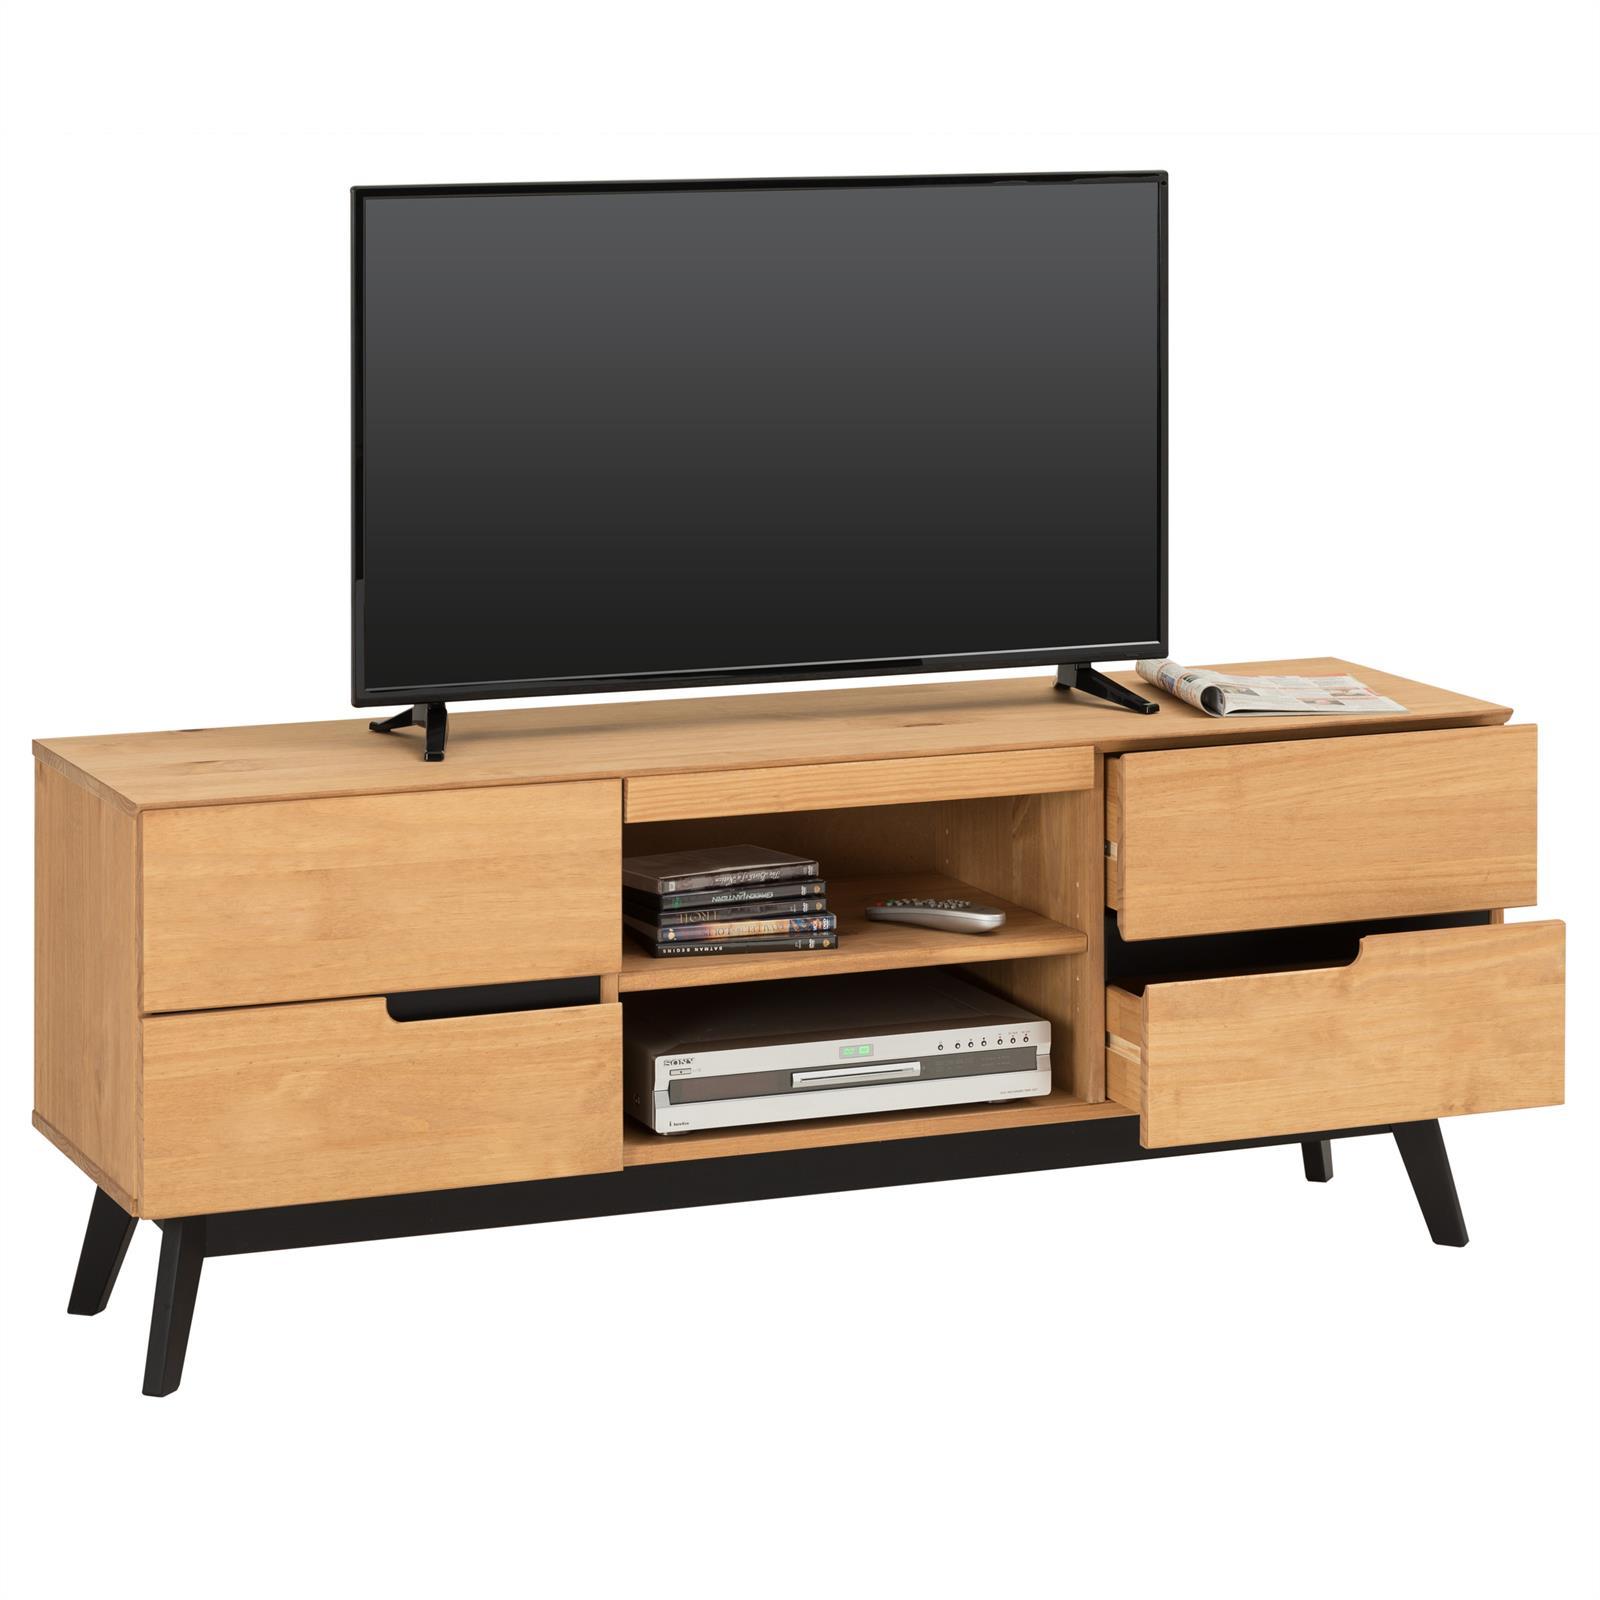 lowboard tv m bel tibor braun mobilia24. Black Bedroom Furniture Sets. Home Design Ideas